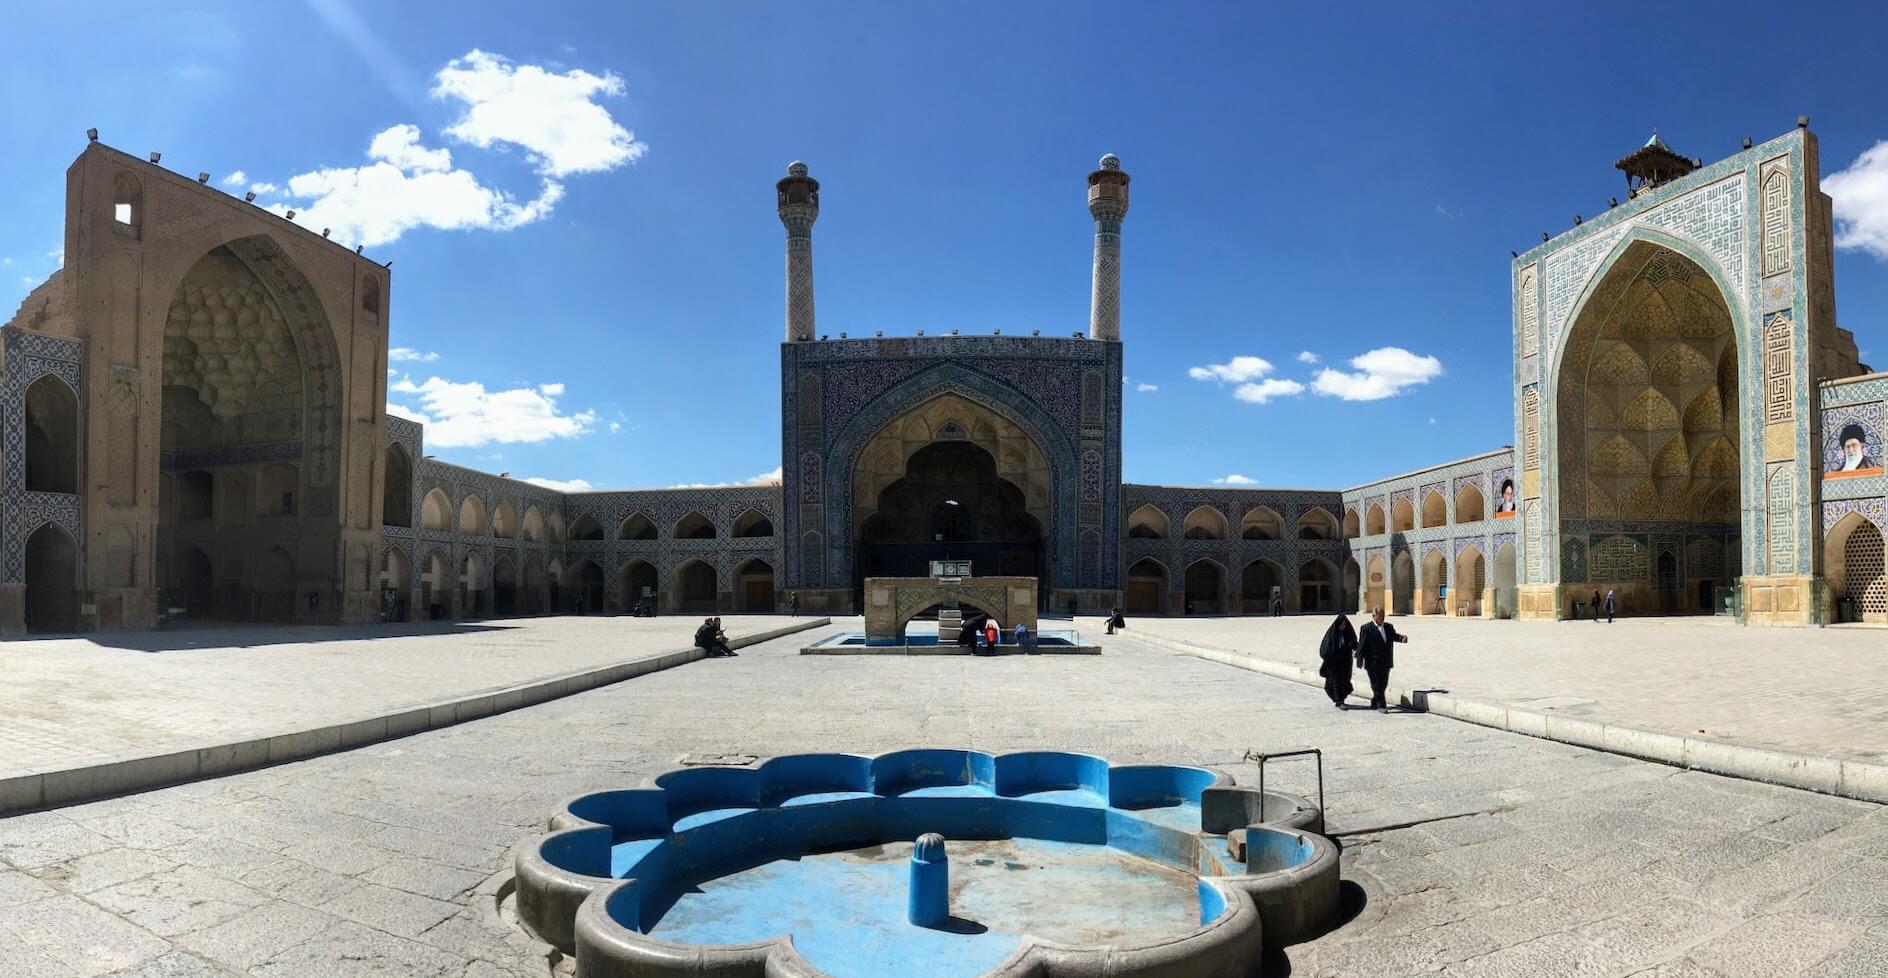 Binnenplaats van de vrijdagmoskee in Isfahan